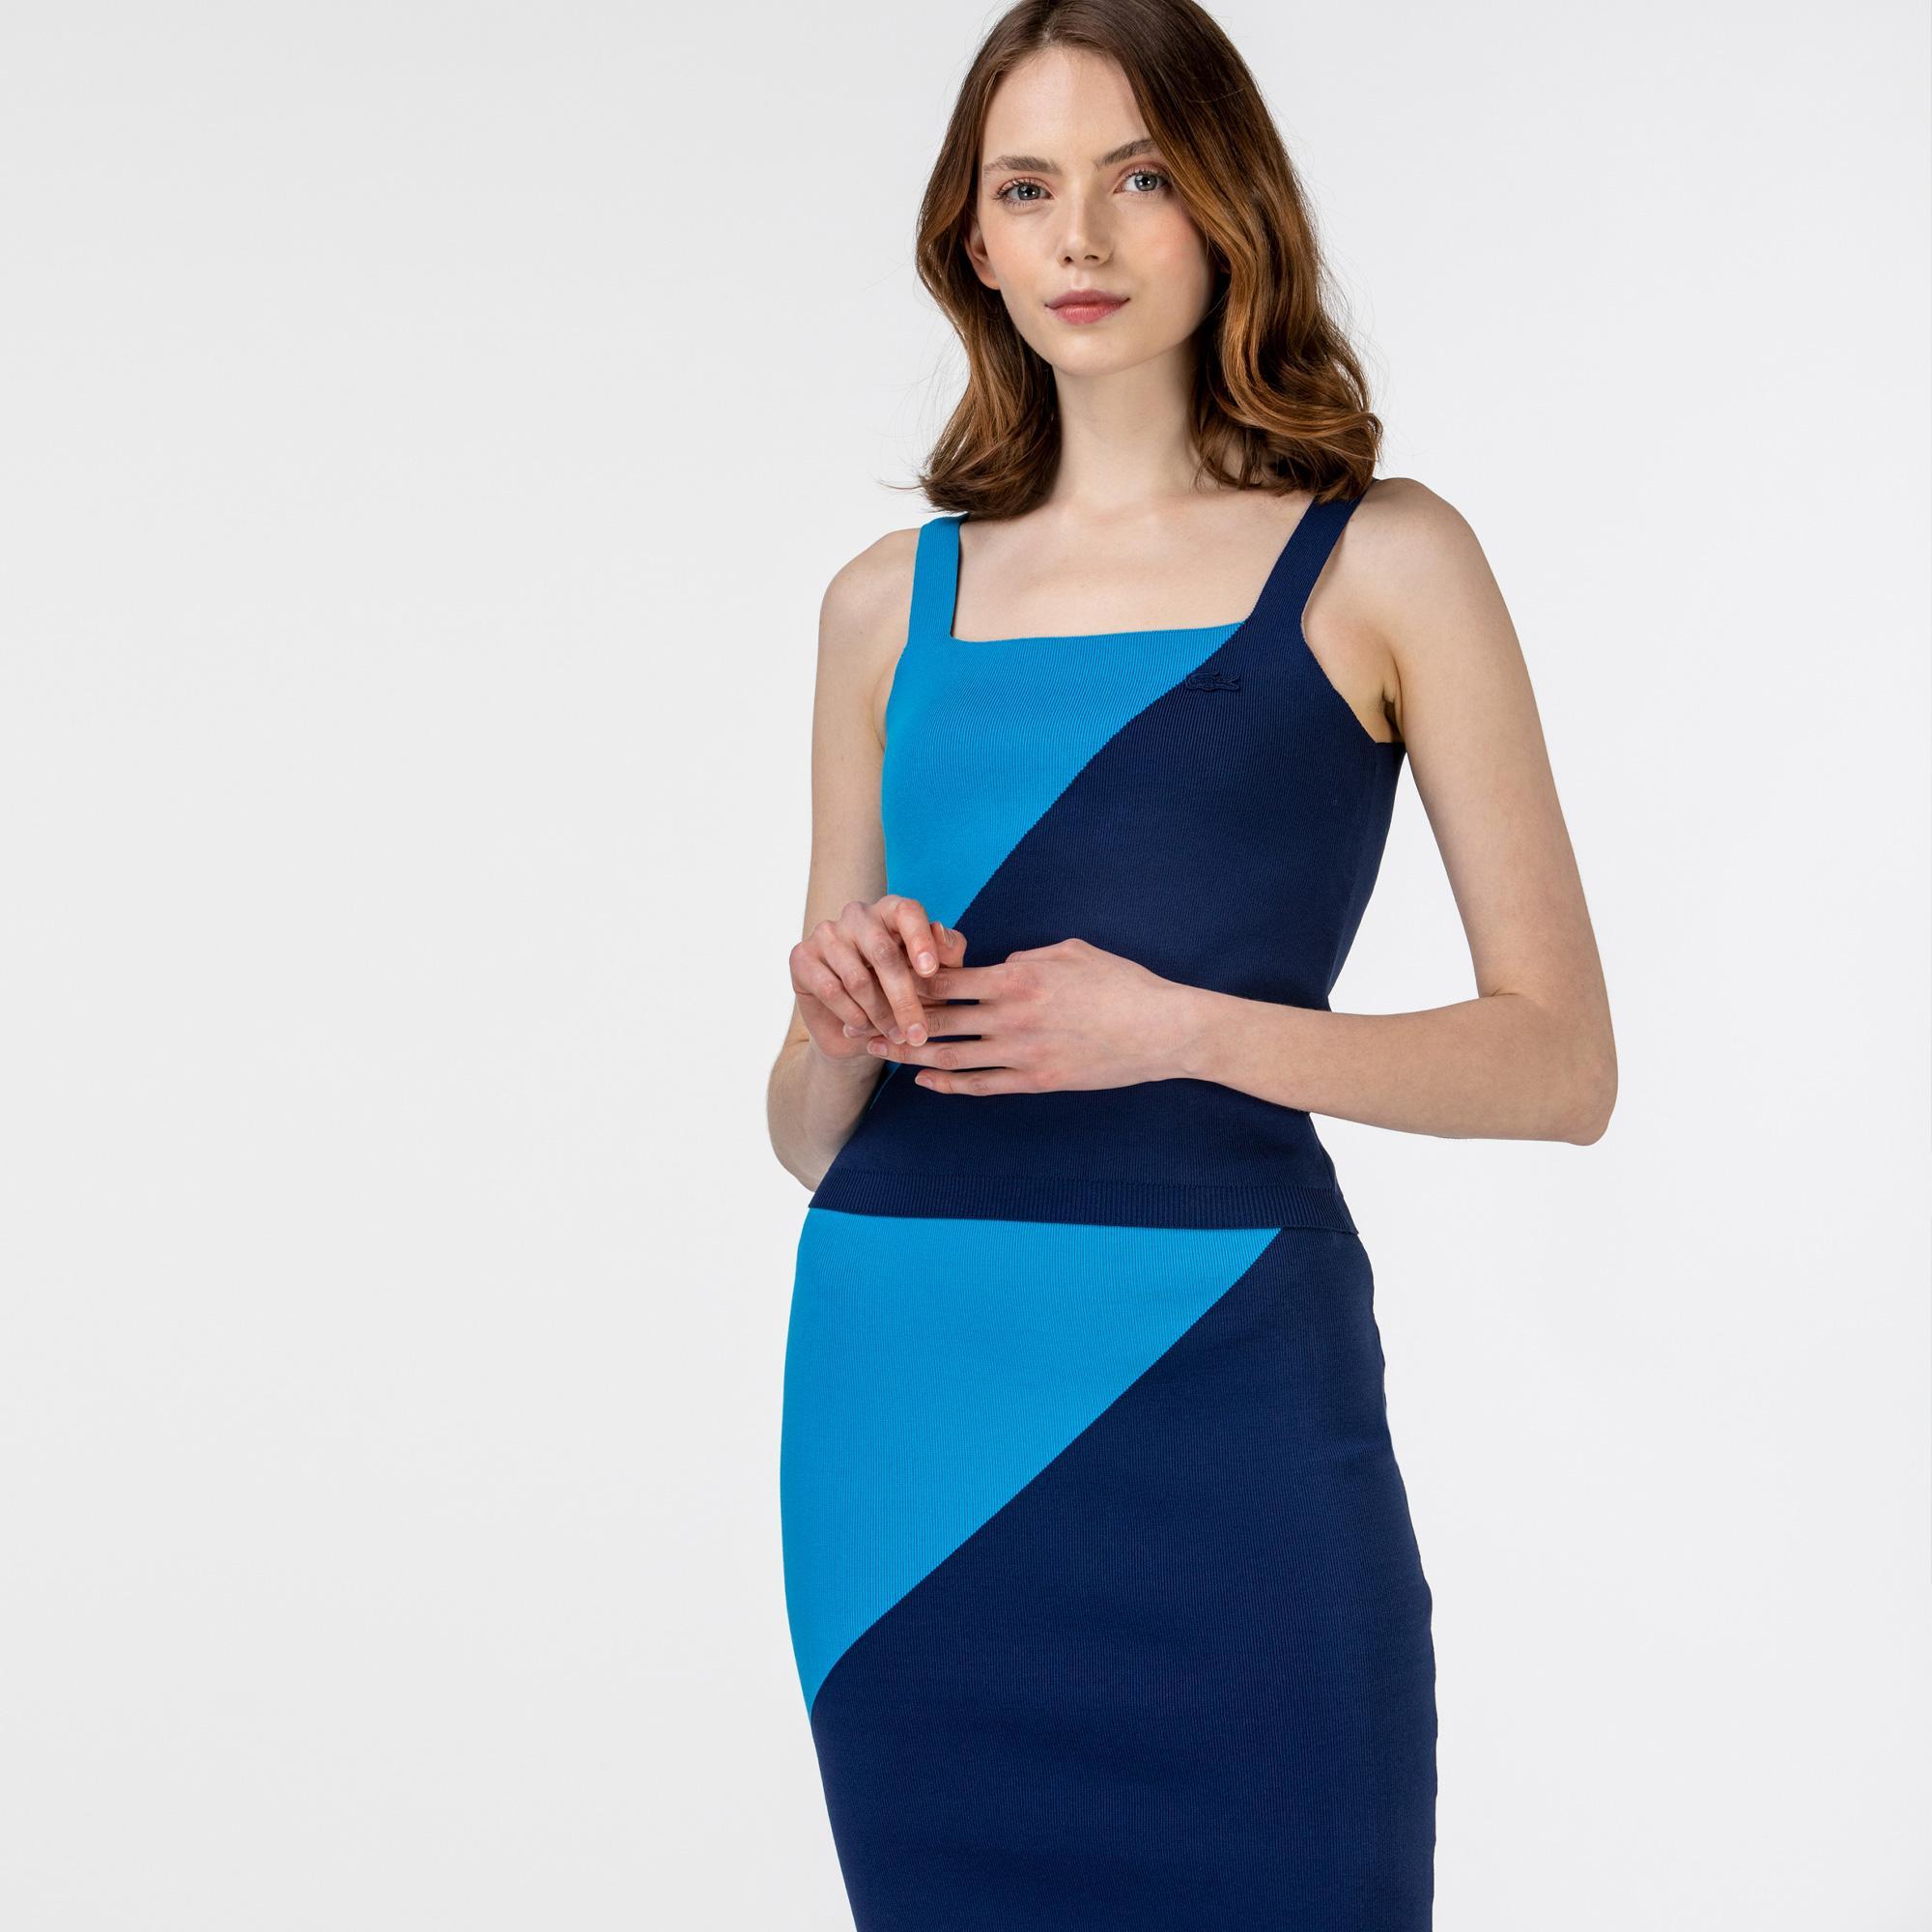 Lacoste Kadın Kolsuz Askılı Renk Bloklu Mavi Triko Kazak